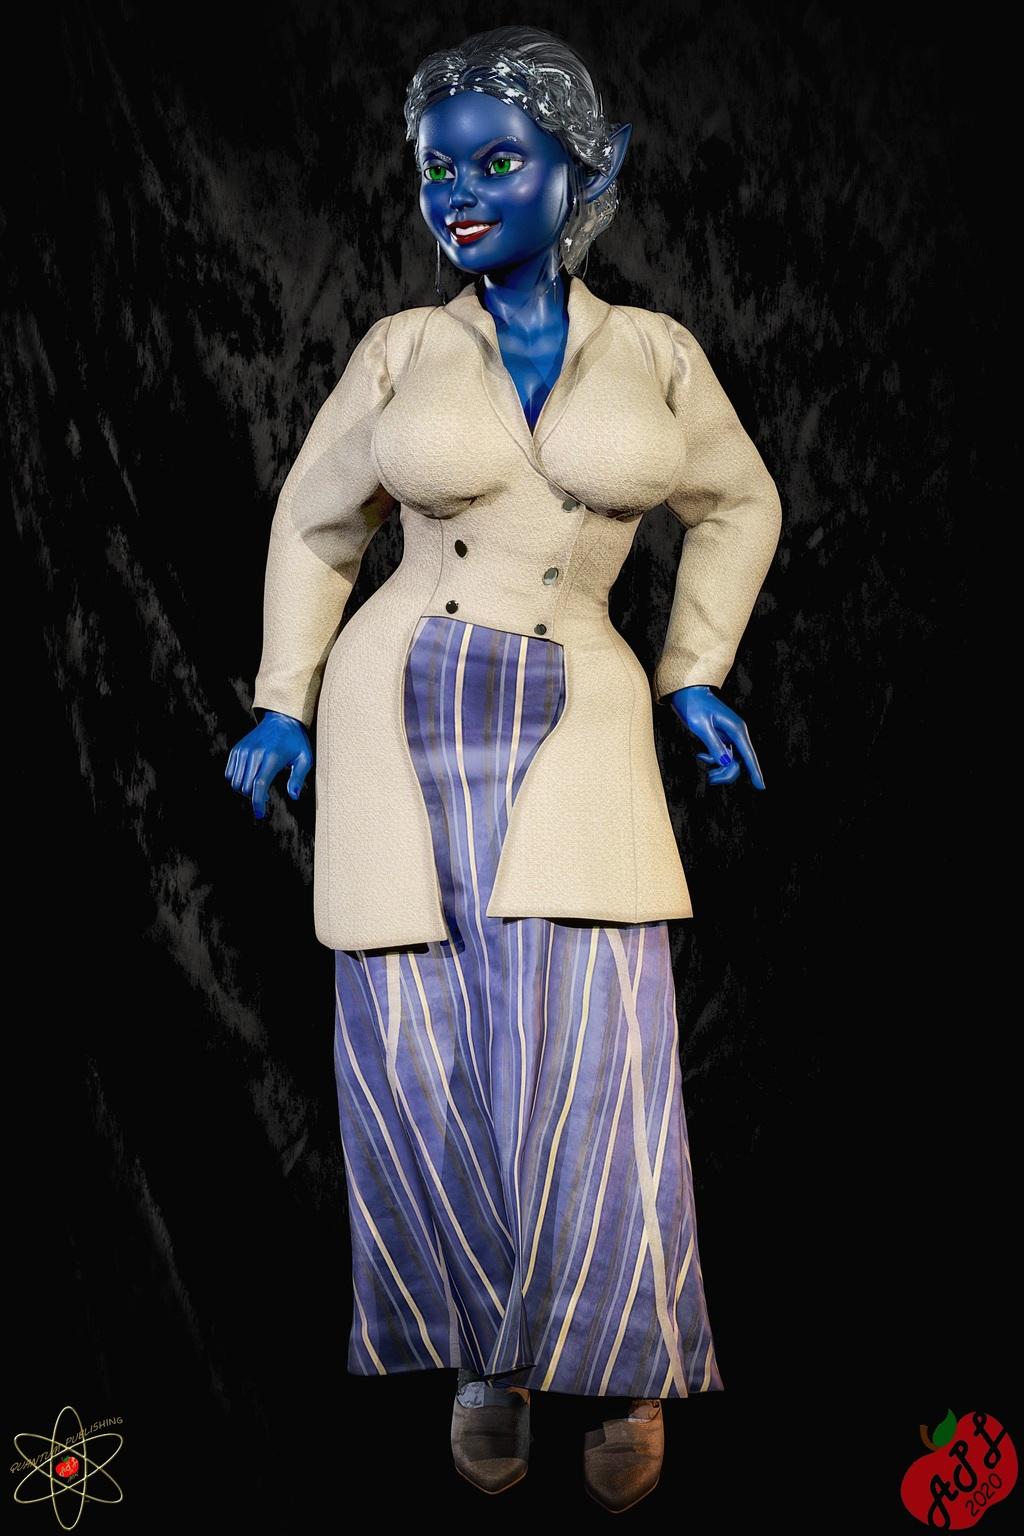 Most recent image: Queen Gouda